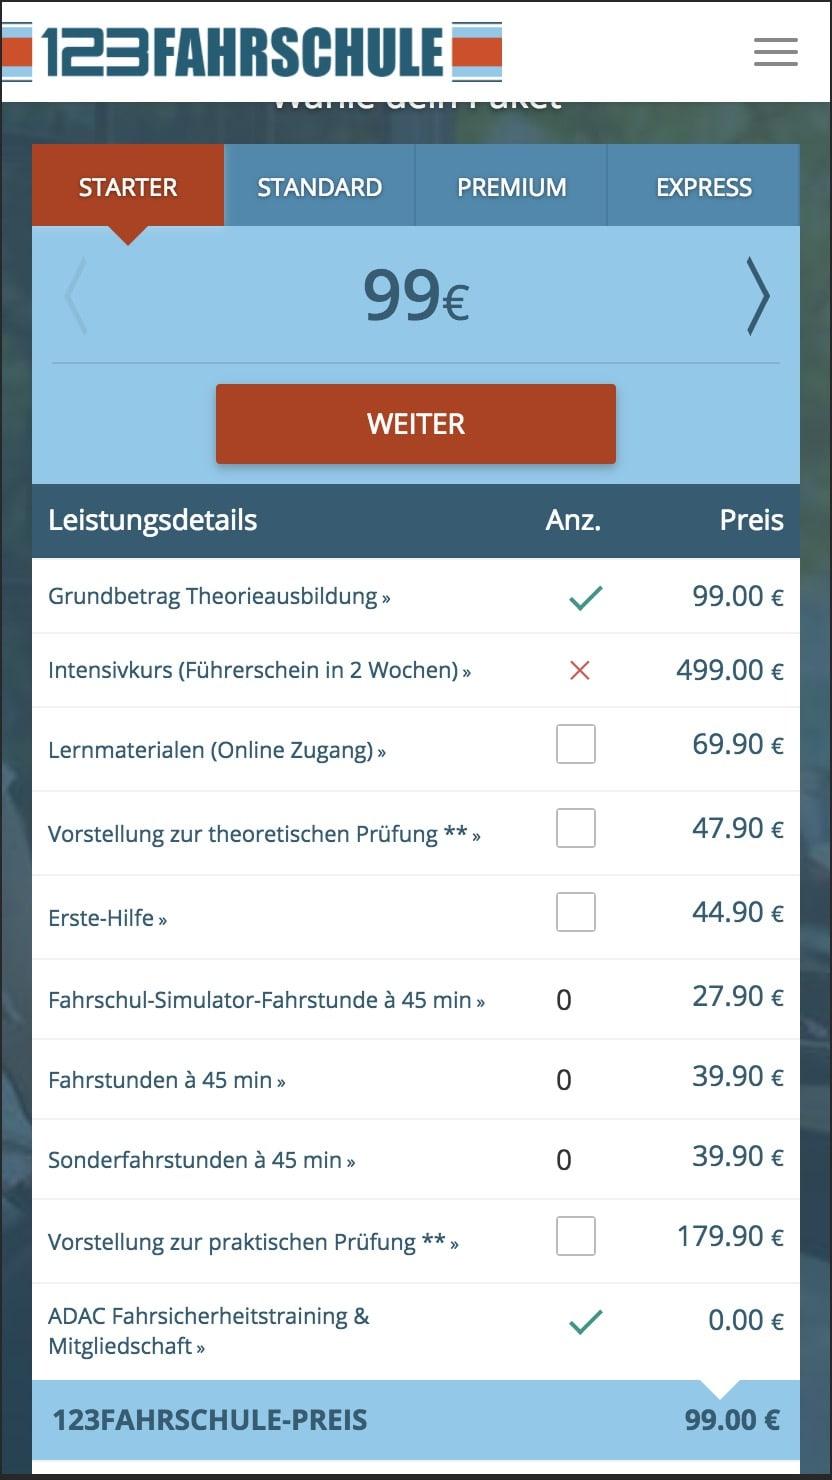 anhaengerfuehrerschein-starter-paket.jpg